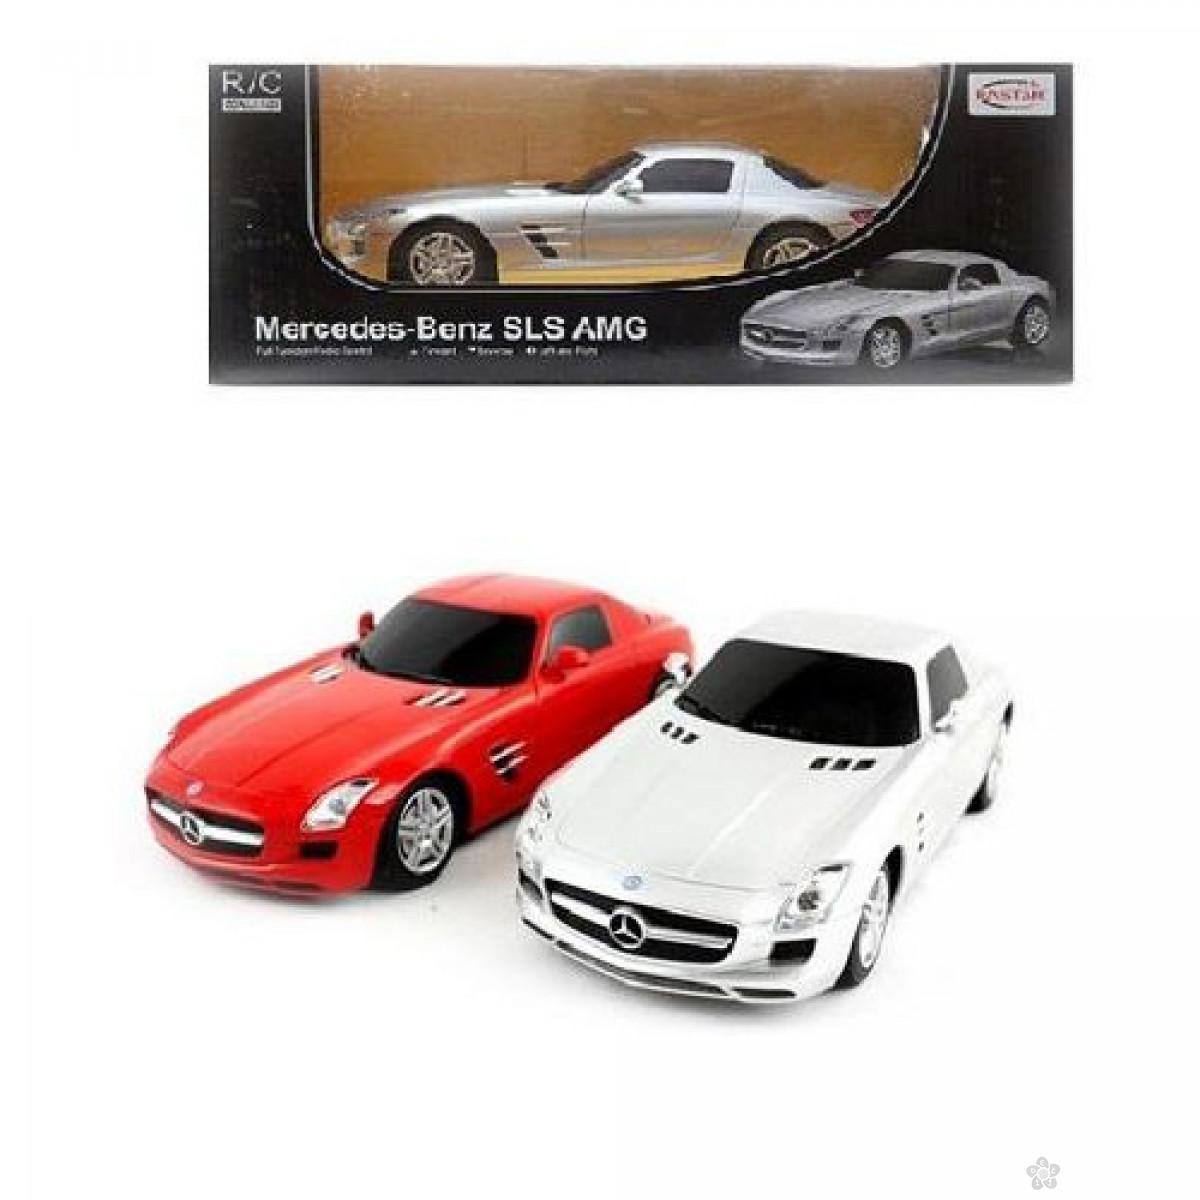 Rastar R/C Mercedes Benz SLS AMG 1:24, R40100